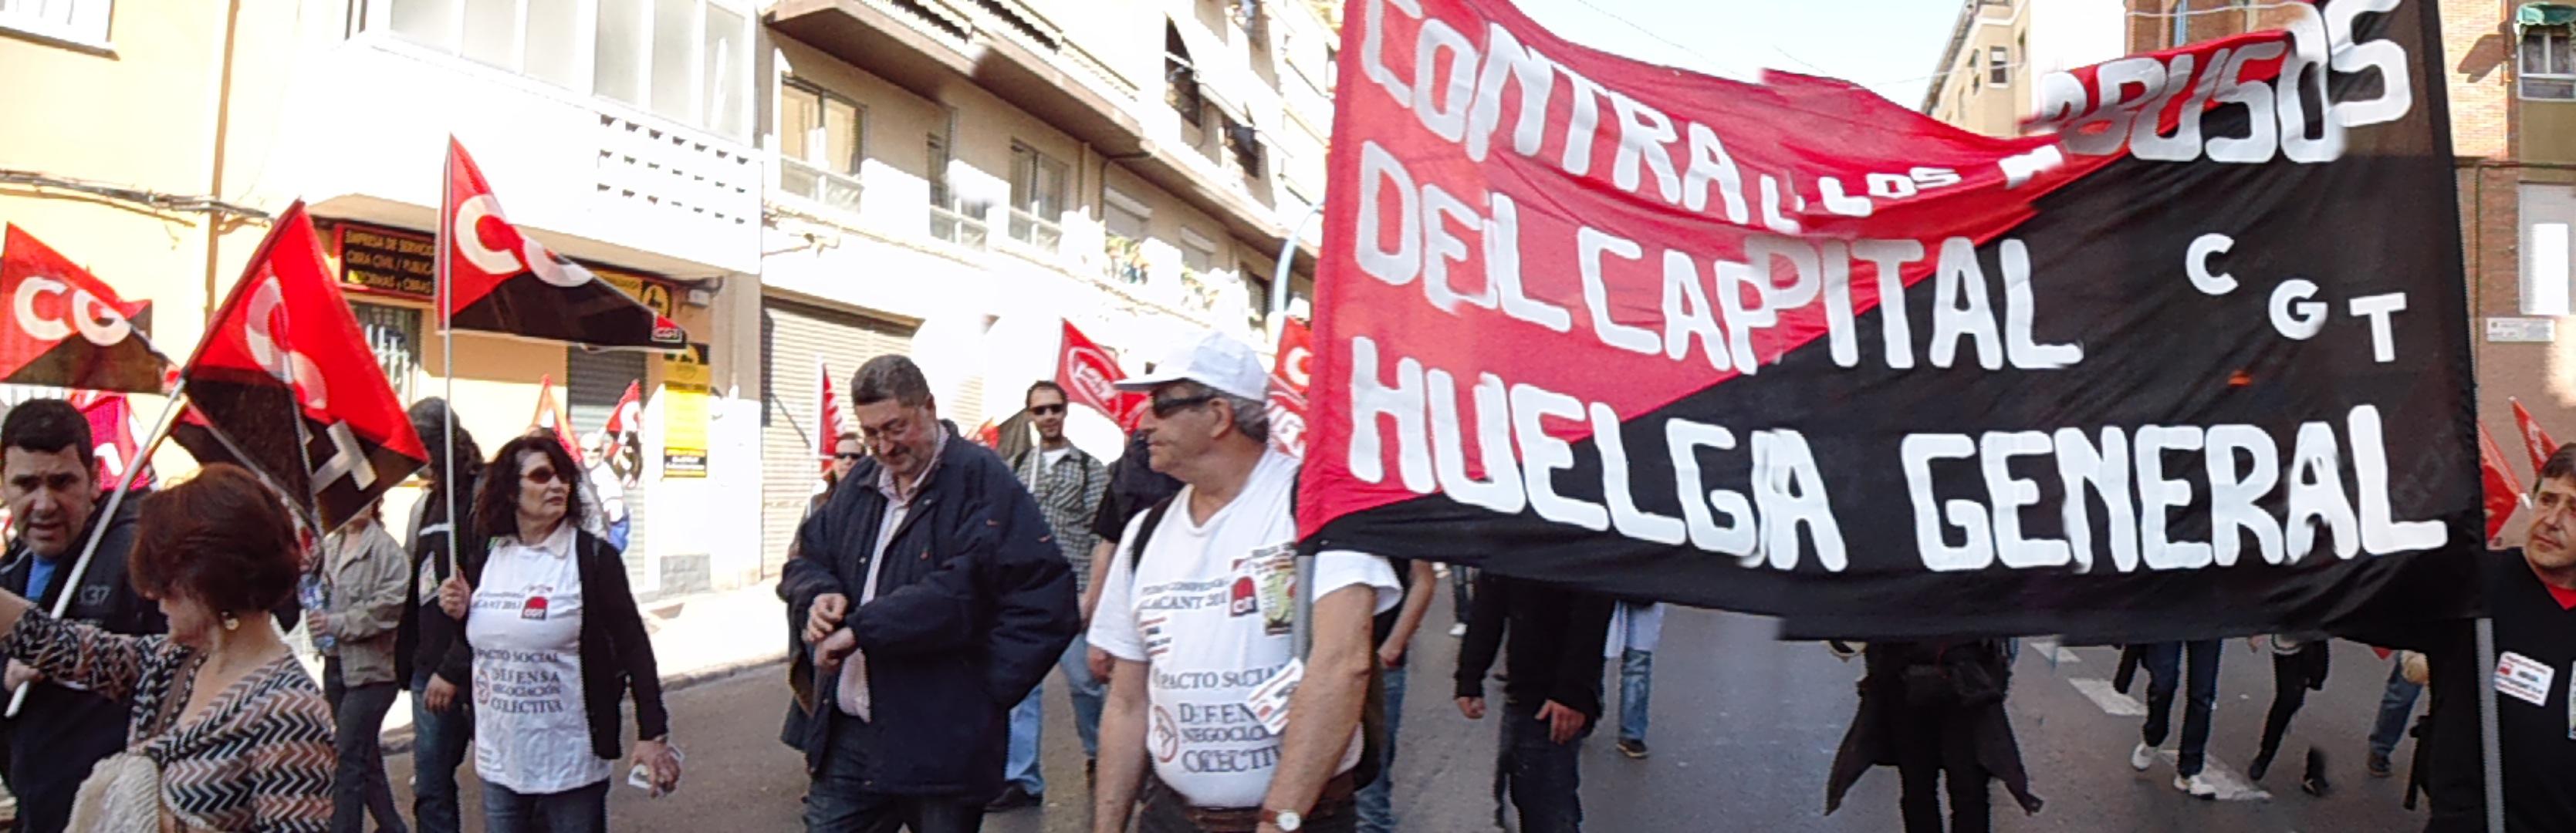 La huelga general del 29M en Alicante